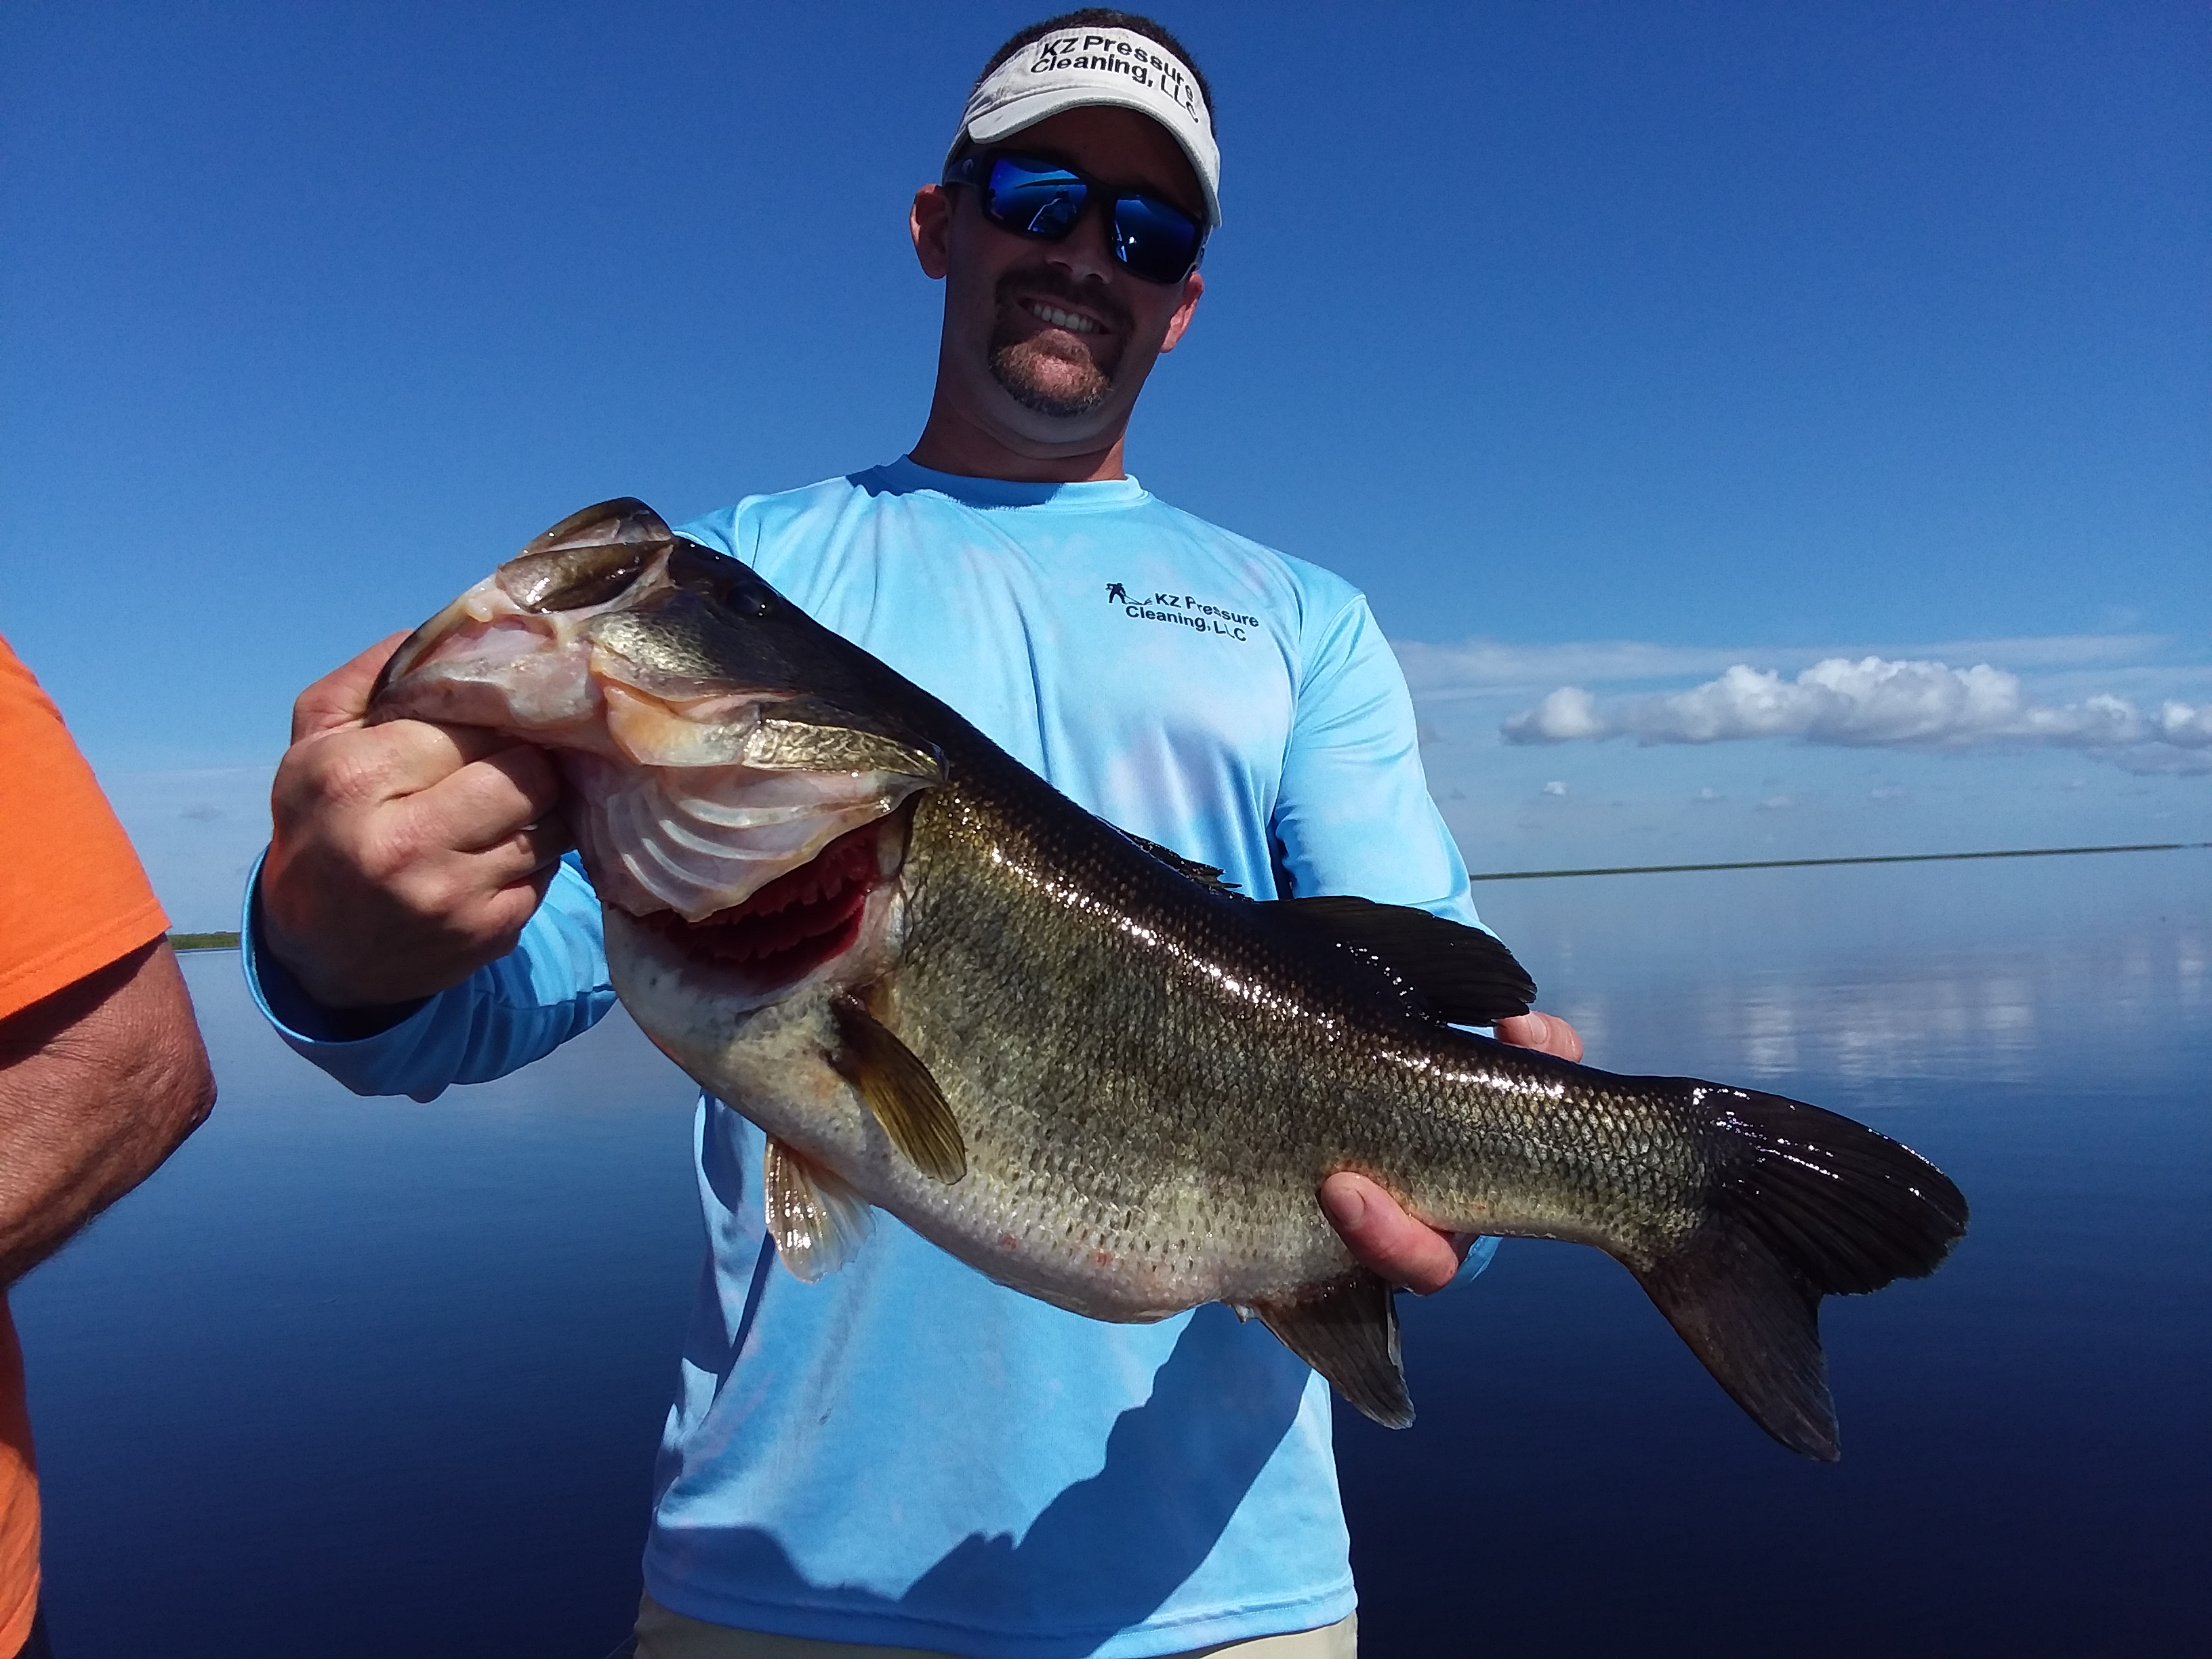 Okeechobee Fishing Guides- Okeechobee Fishing Report 11/4/19